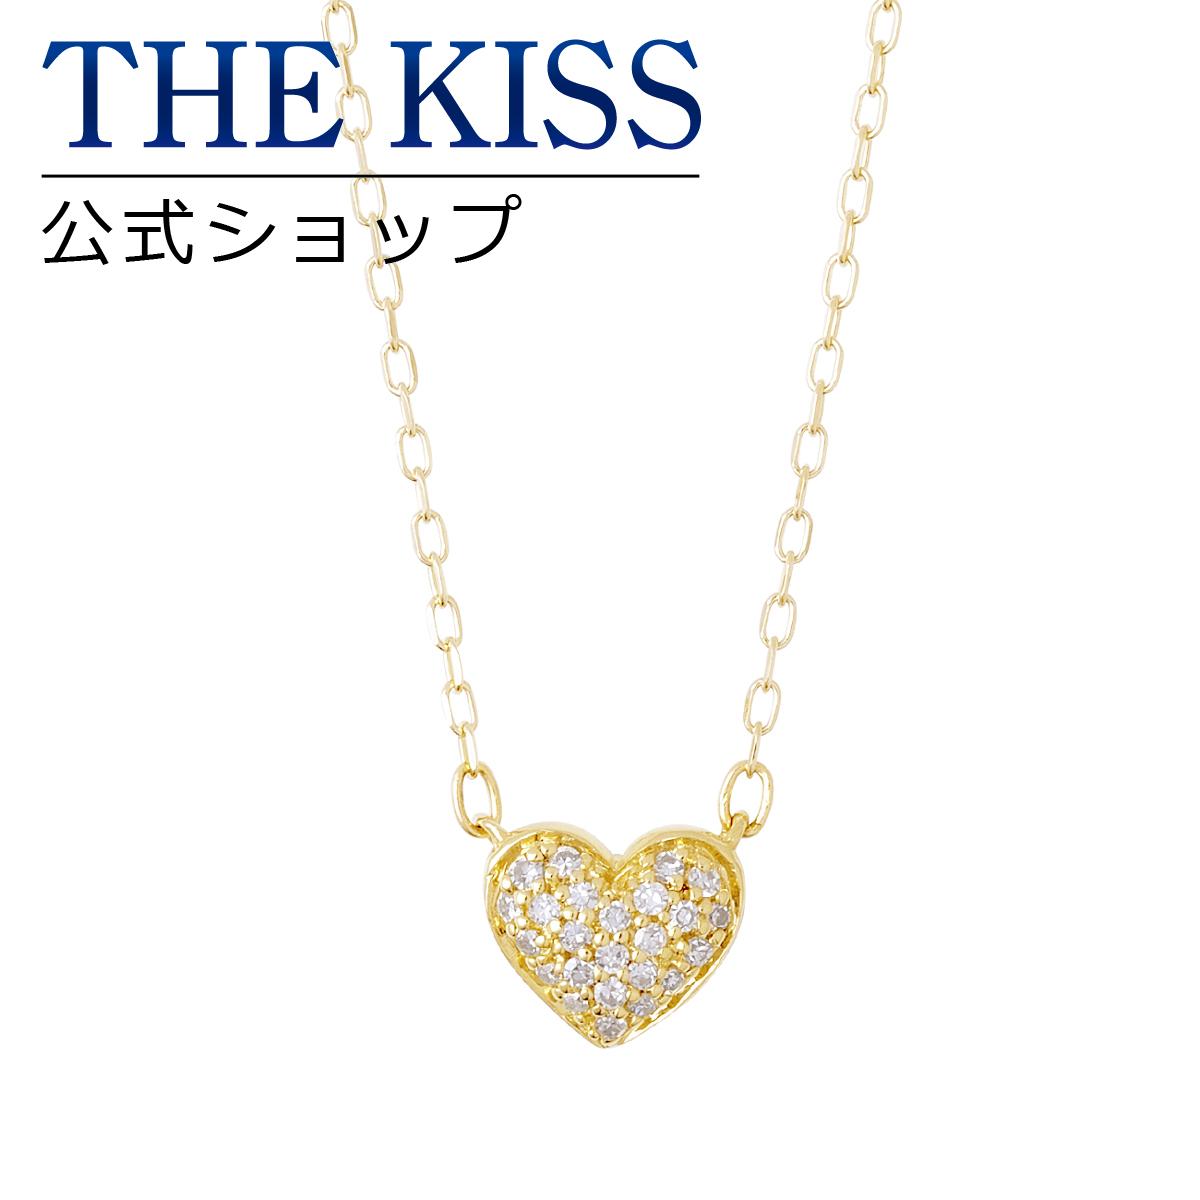 【あす楽対応】【送料無料】【THE KISS sweets】 K10イエローゴールド ダイヤモンド レディース ネックレス 40cm ☆ ダイヤモンド ゴールド レディース ネックレス 首飾り ブランド Ladies Necklace PAVE-02YG